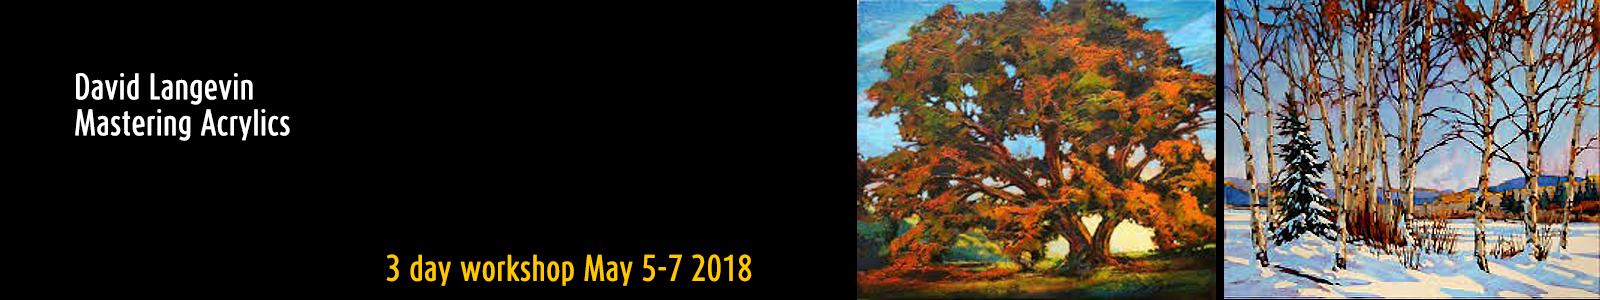 workshops-2018-langevin